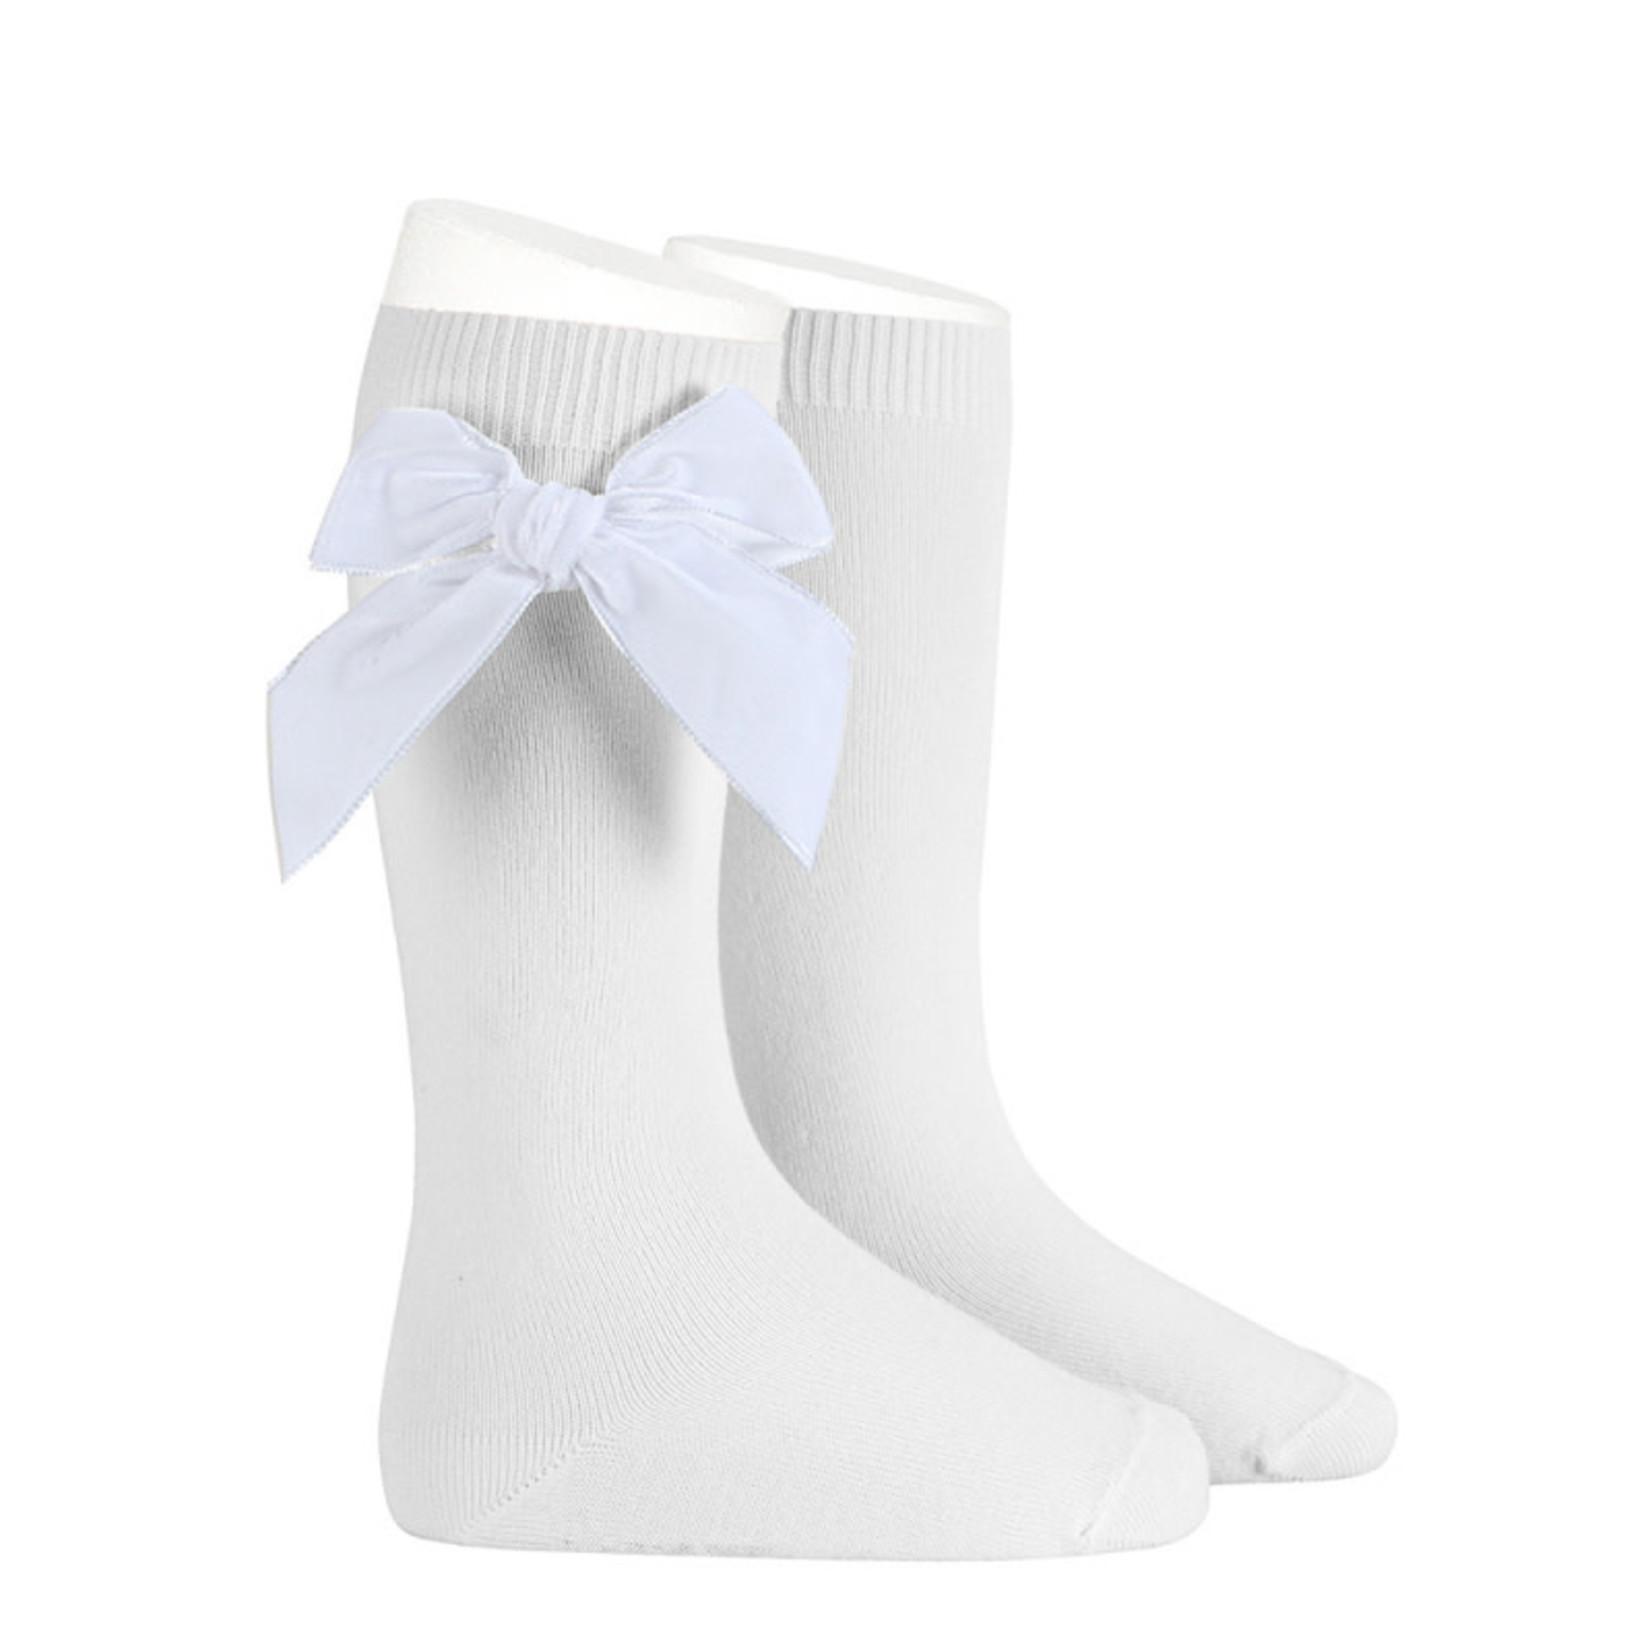 Velvet Socks Knee High - White